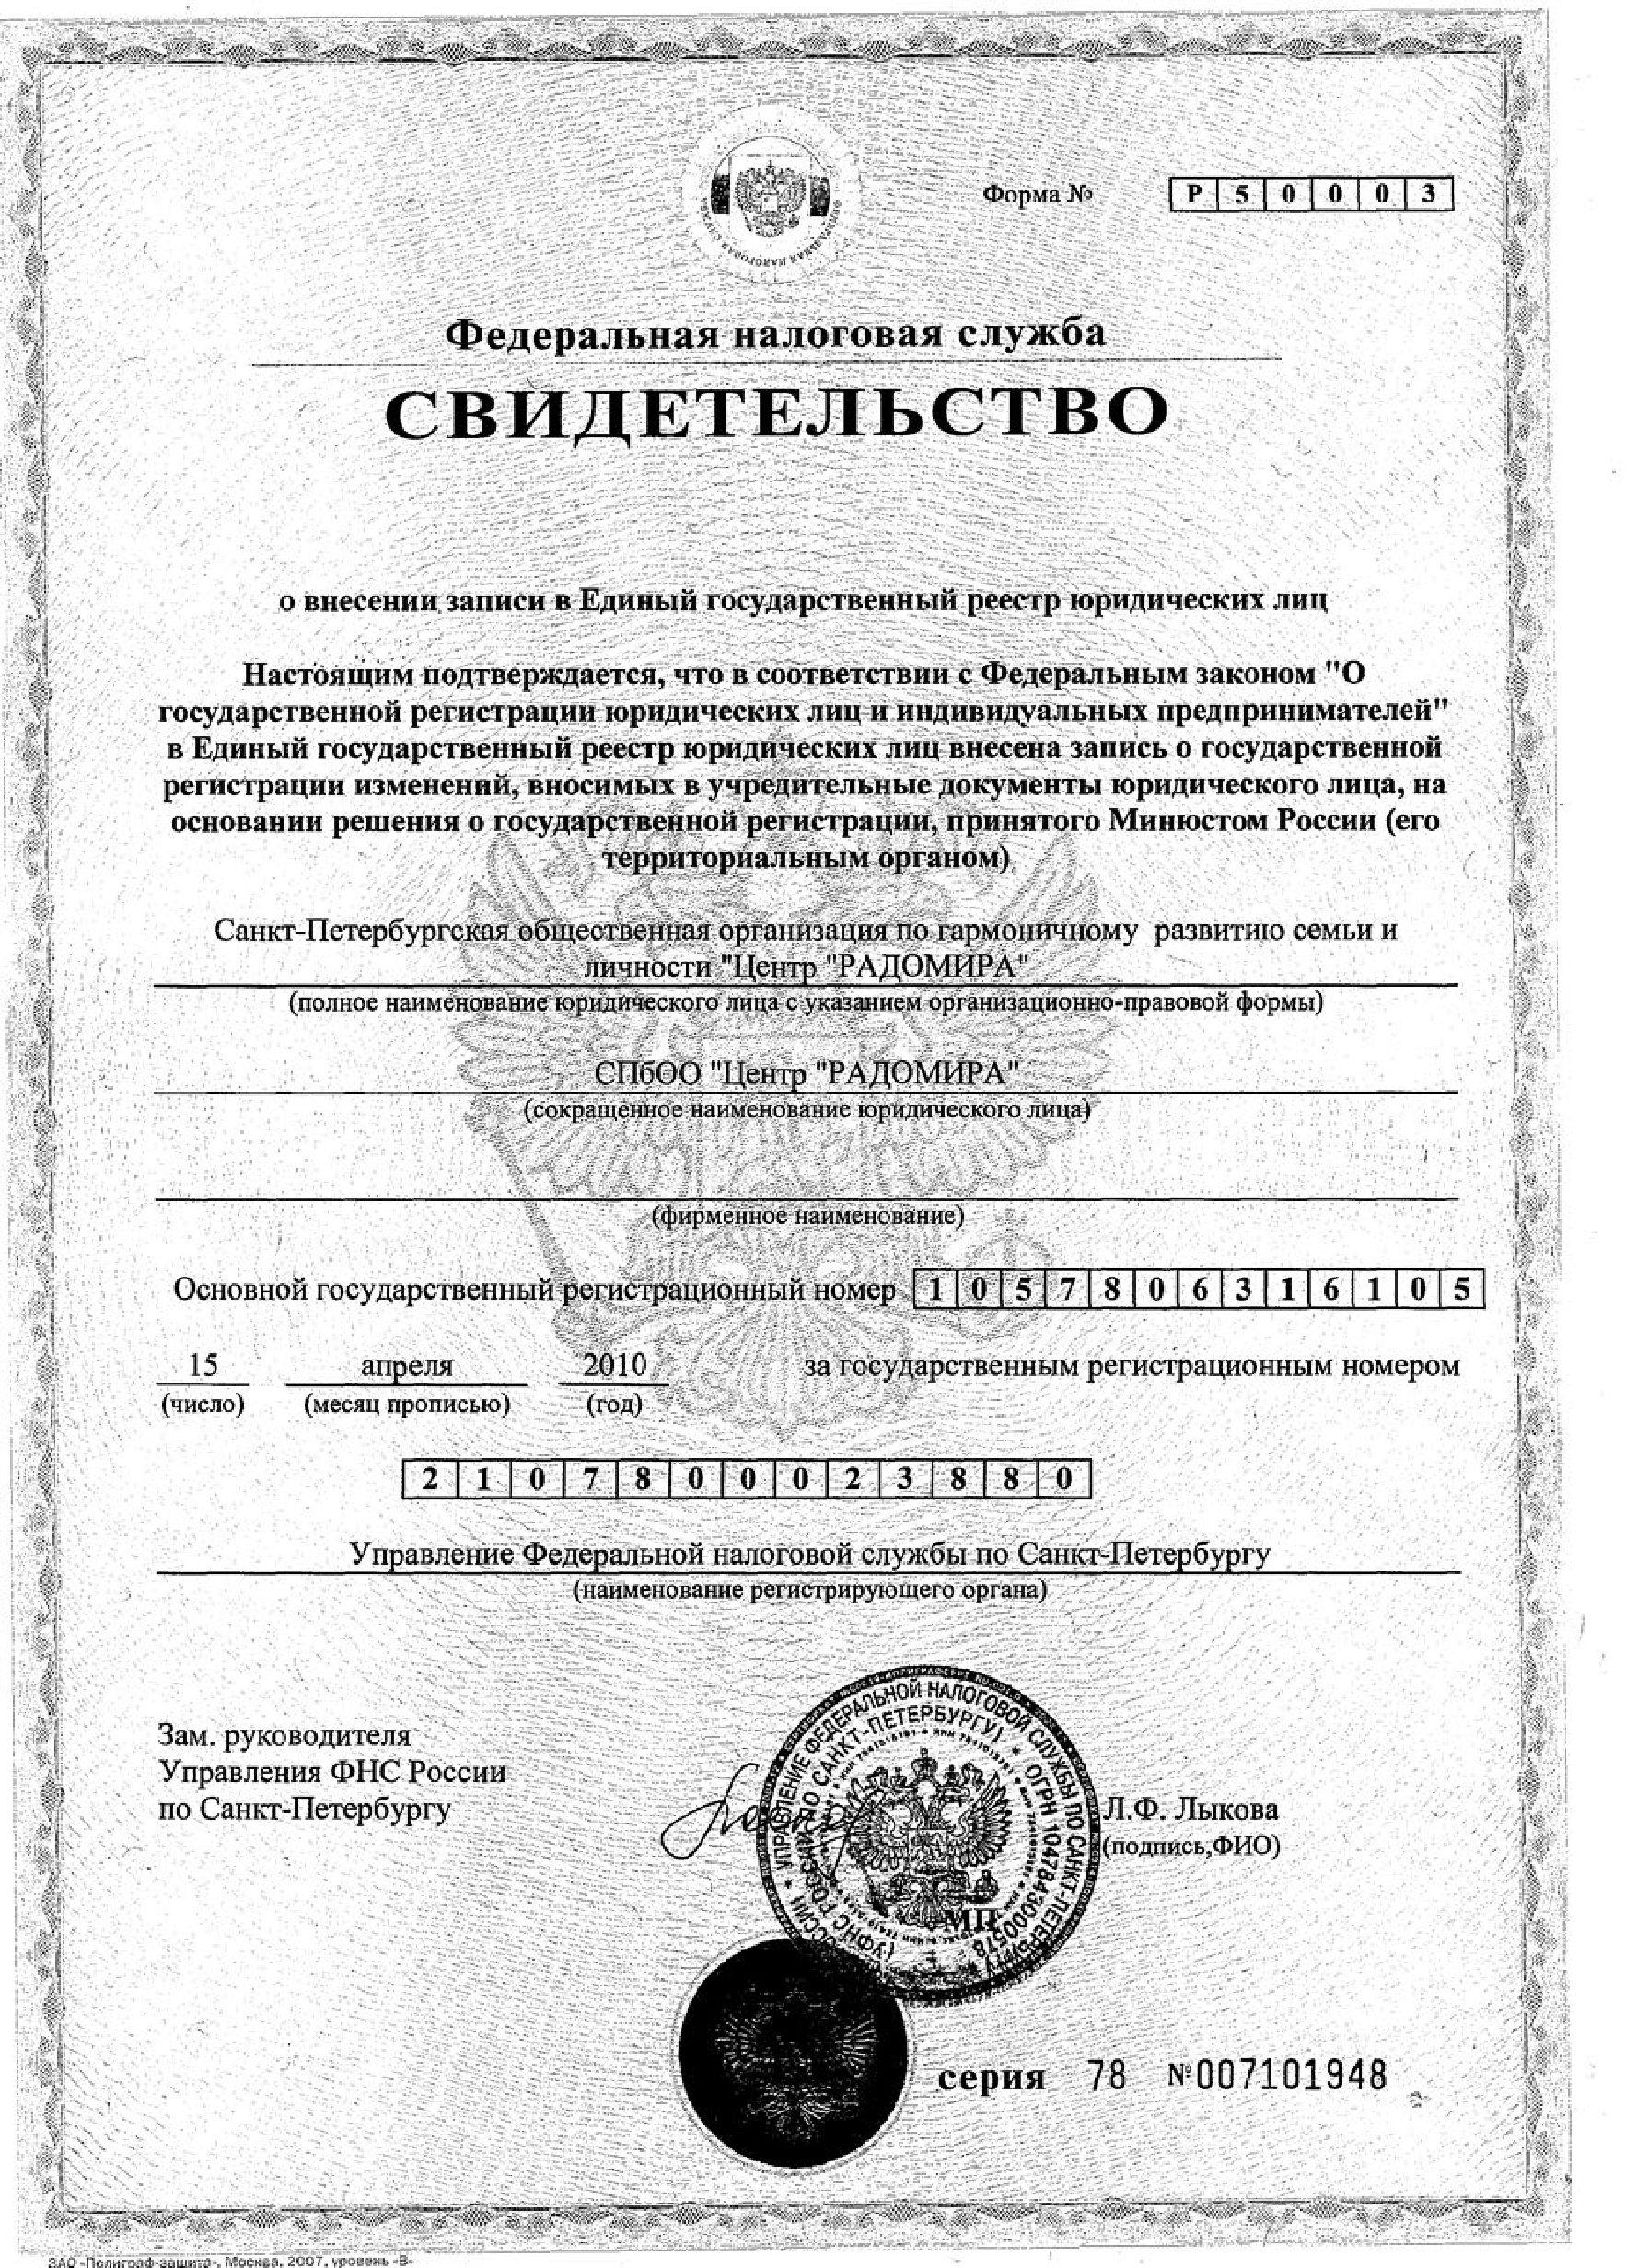 Основной государственный регистрационный номер